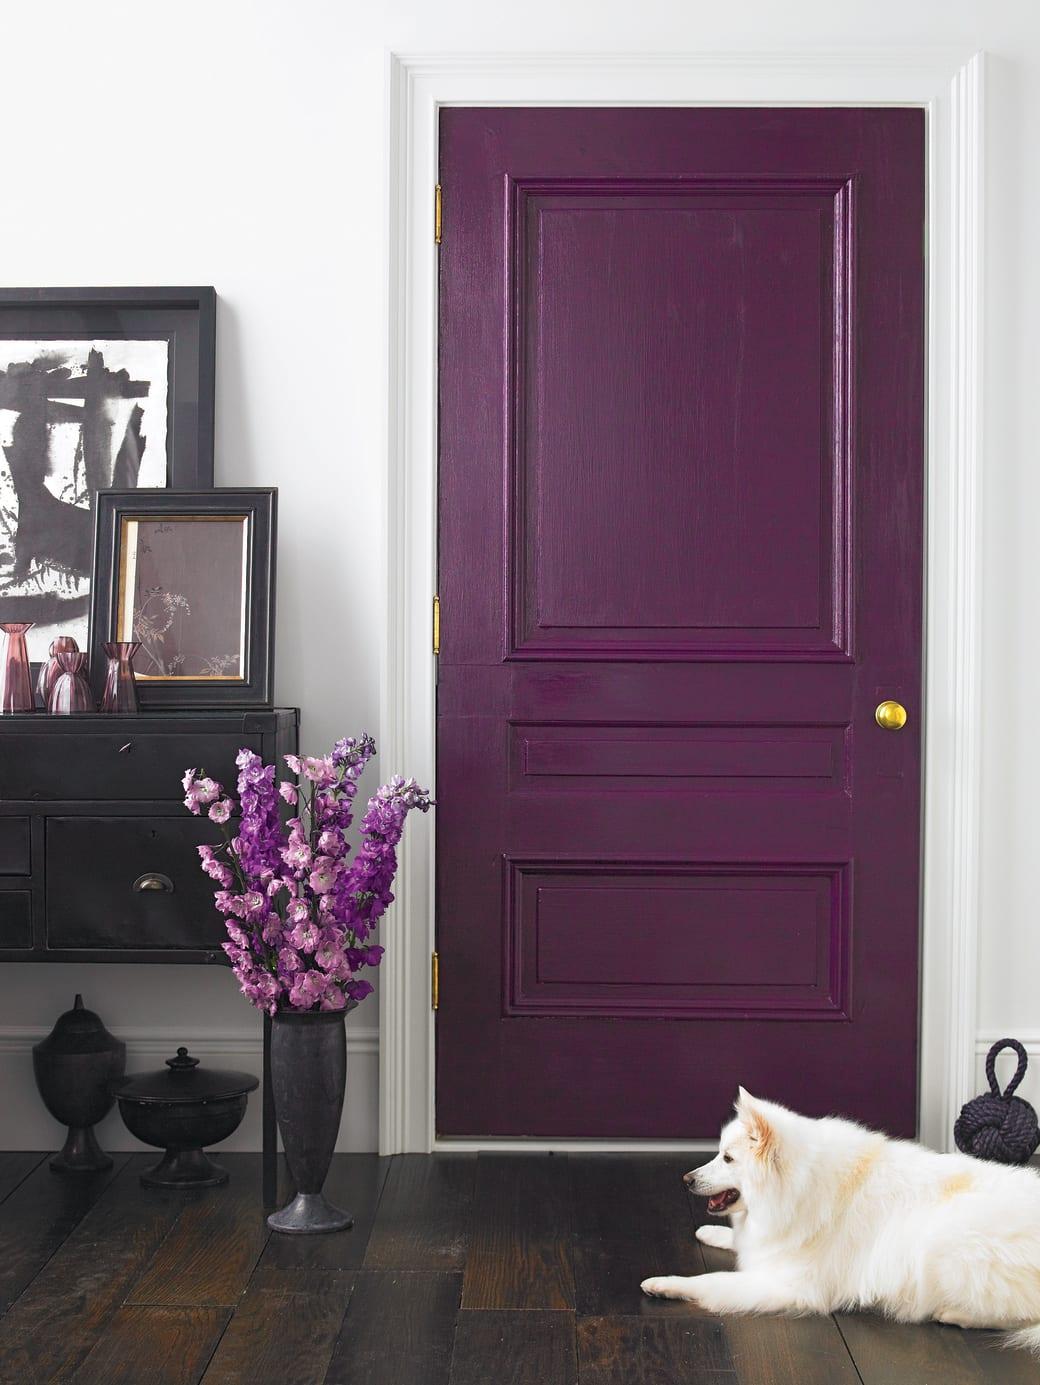 rustikale wohnraumgestaltung mit tür in lila farbe und vintage sideboard schwarz dekoriert mit schwarzen bilderrahmen und kleinen lilafarbigen glasvasen